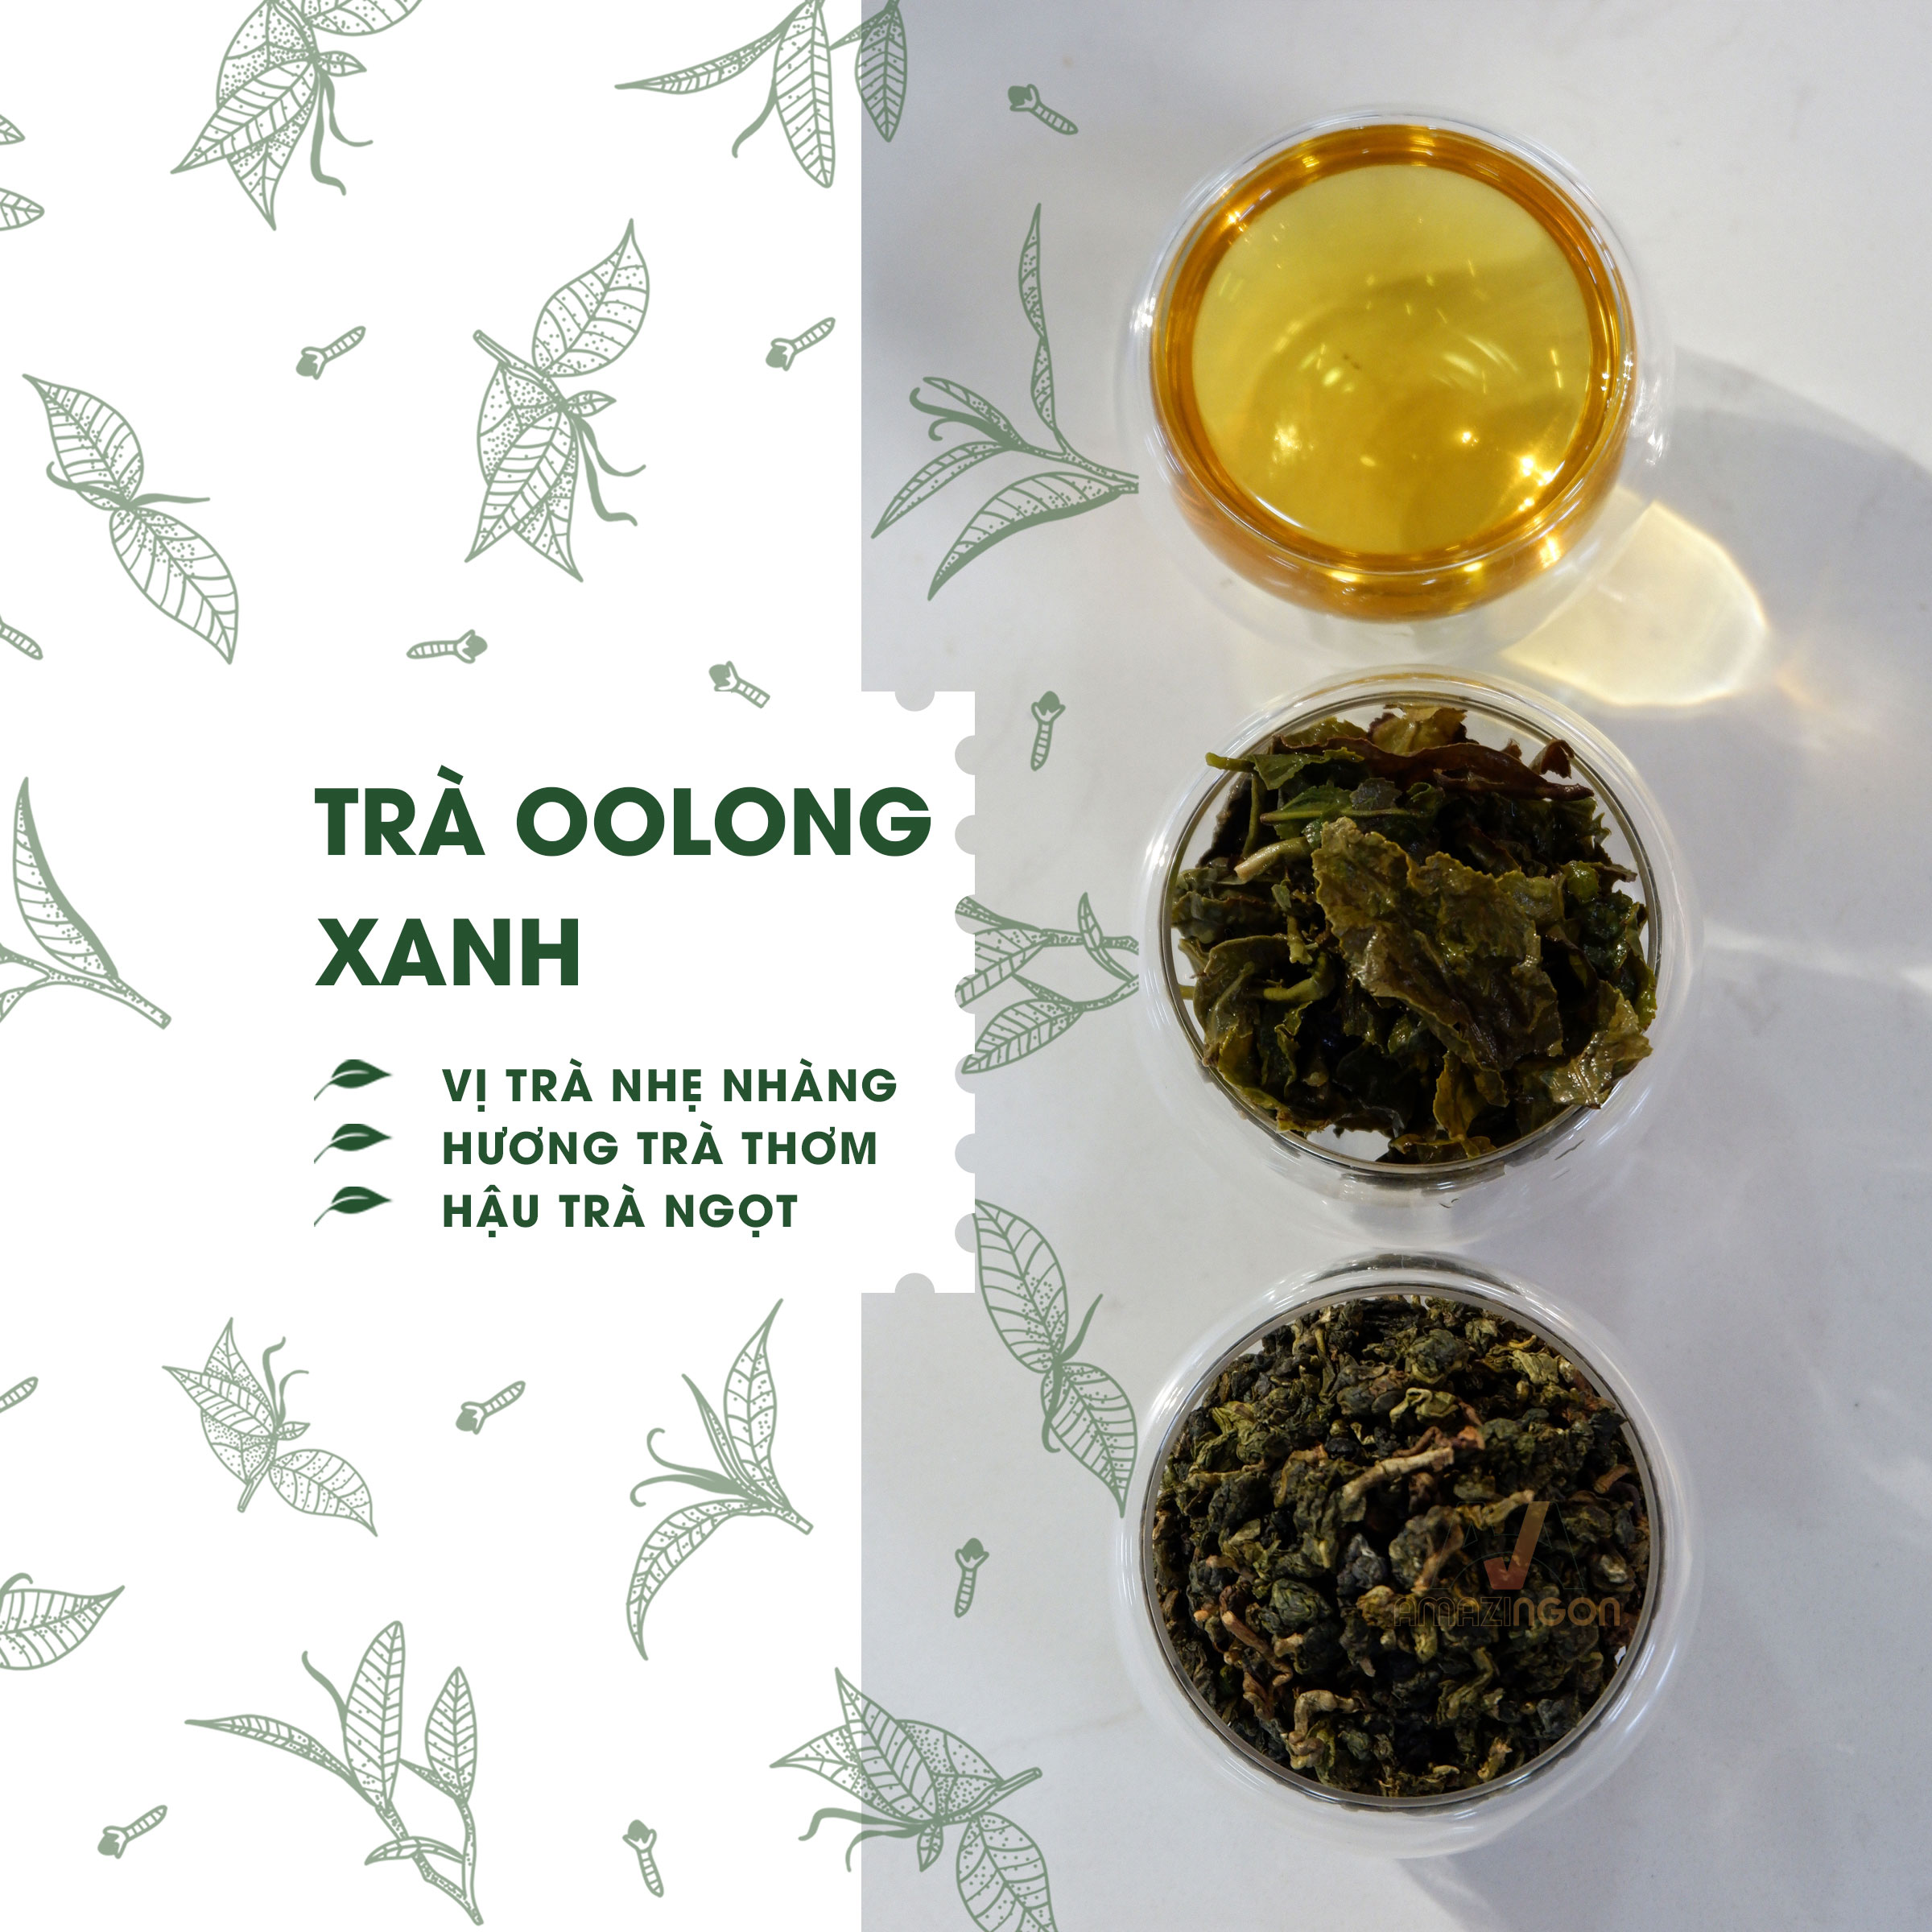 trà oolong xanh AMAZINgon